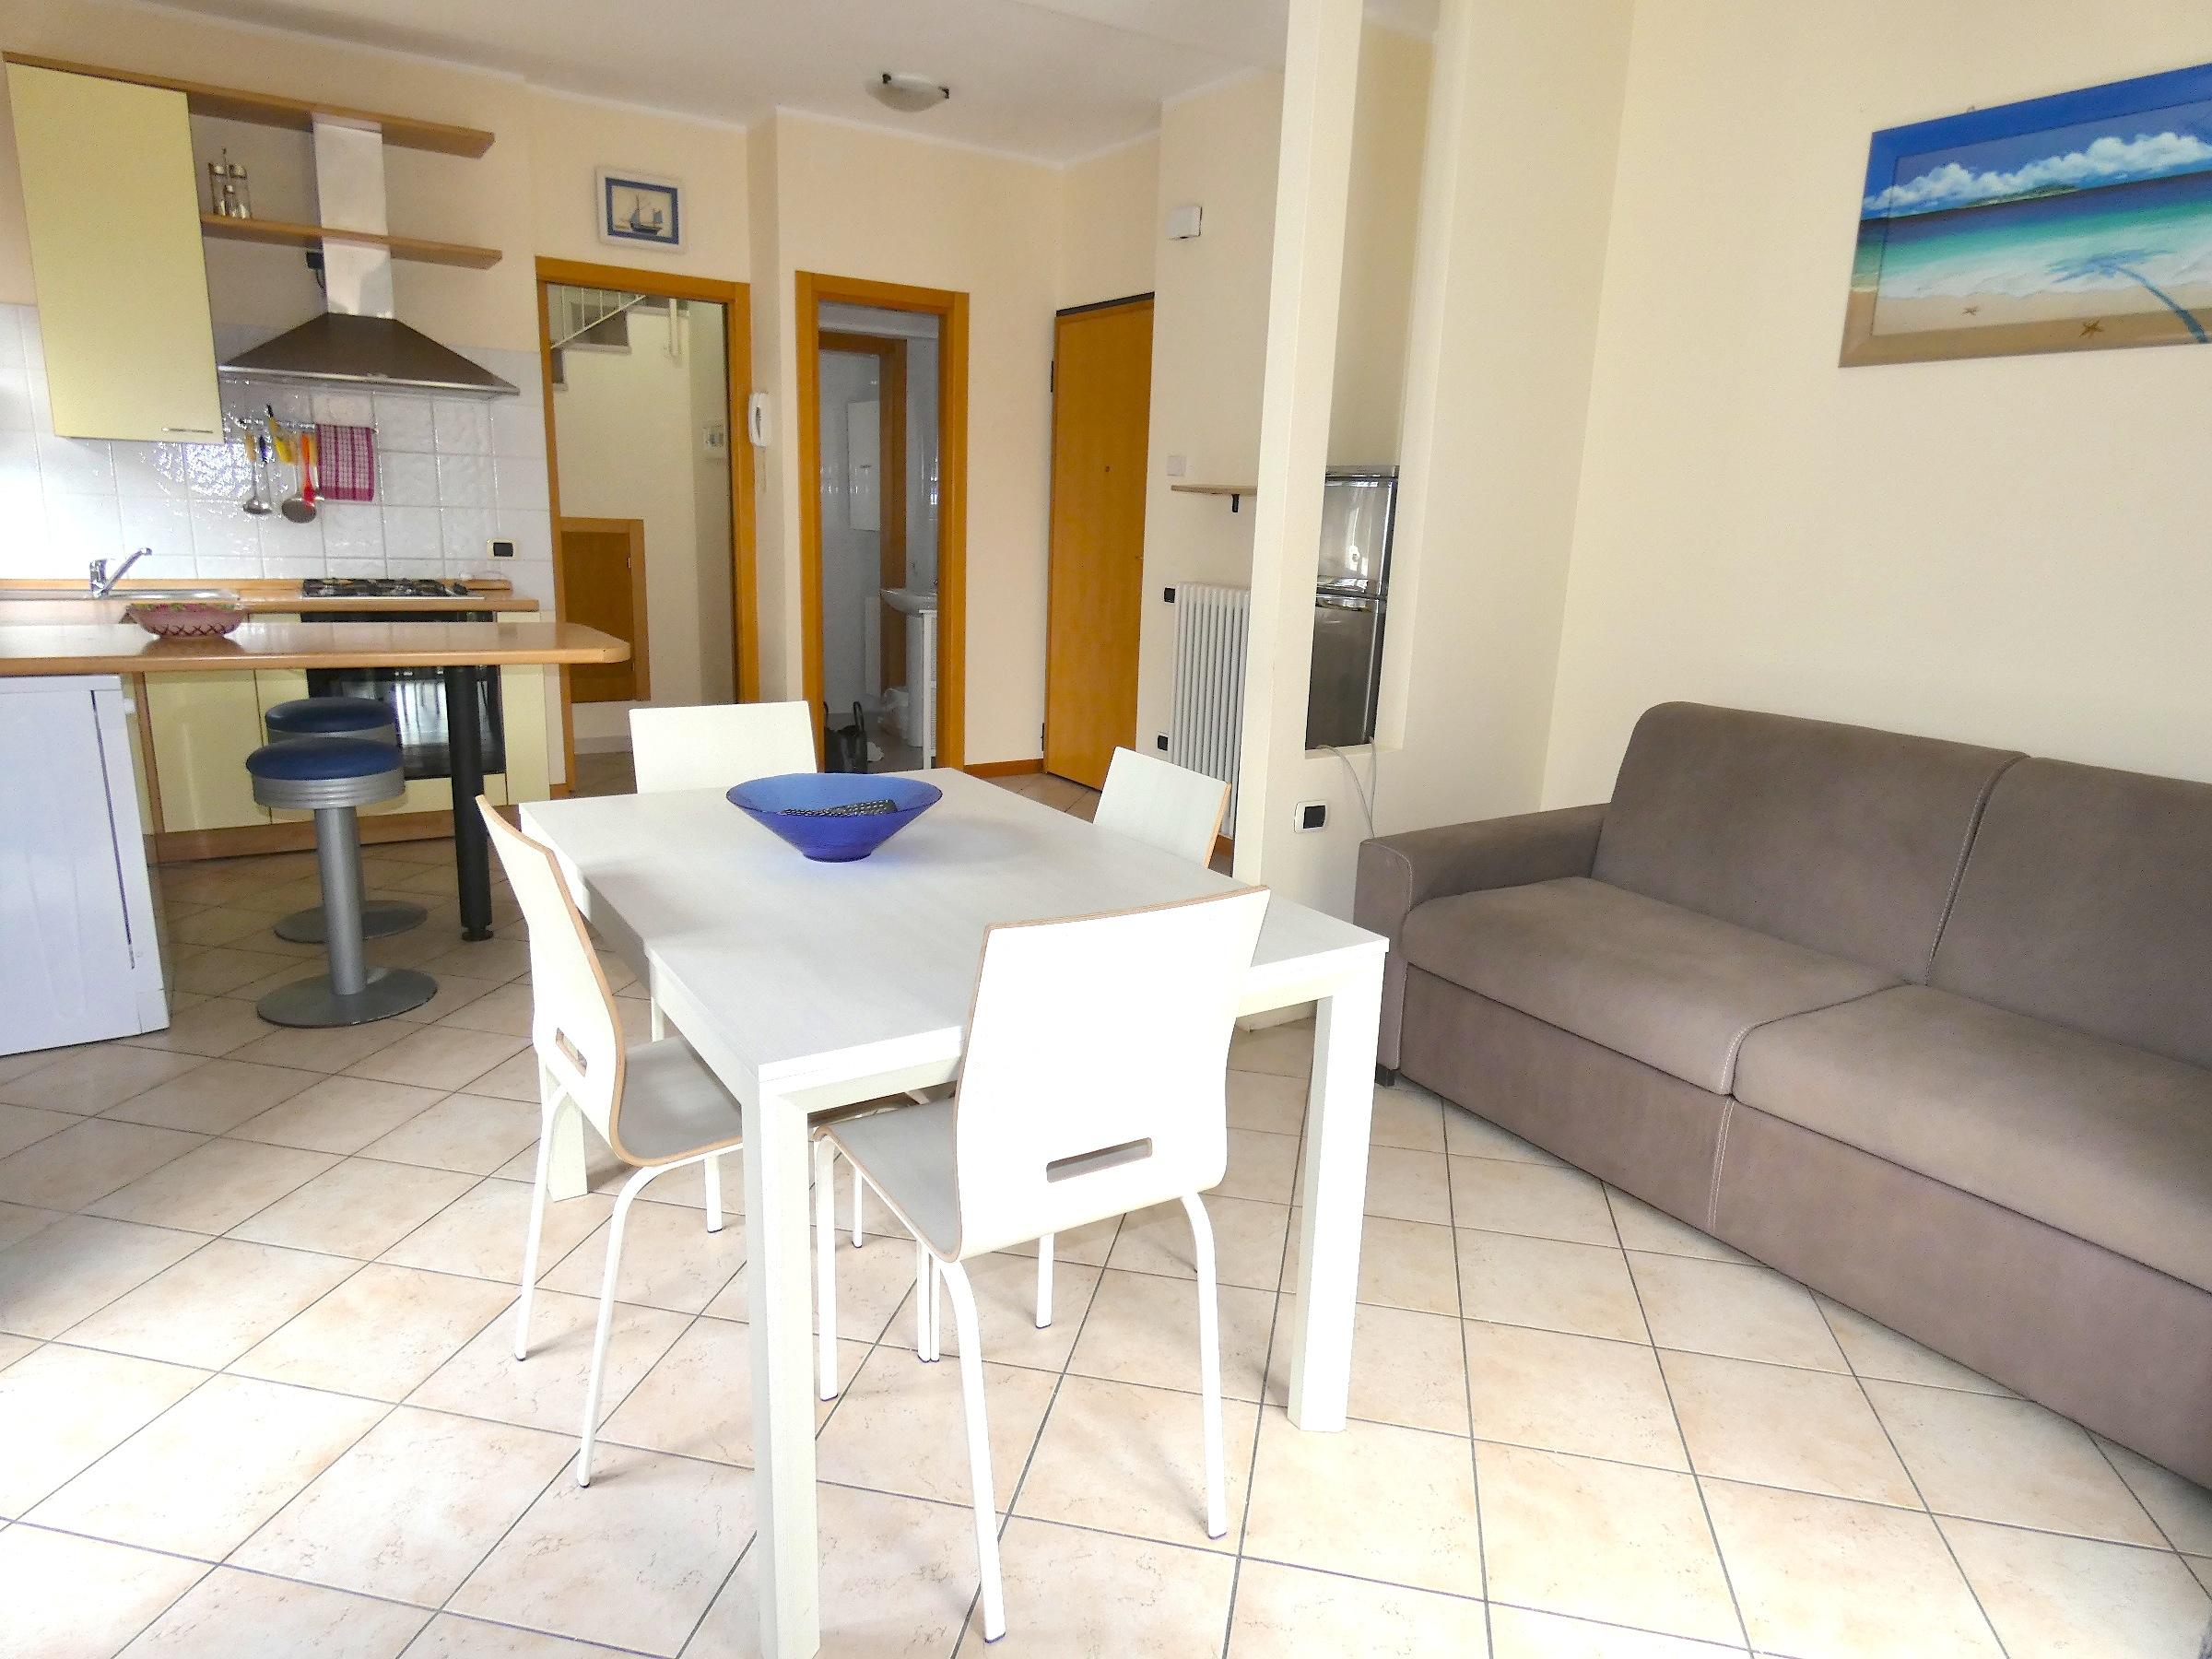 RICCIONE ALBA, Appartamento a soli 100 mt dal mare in affitto stagionale